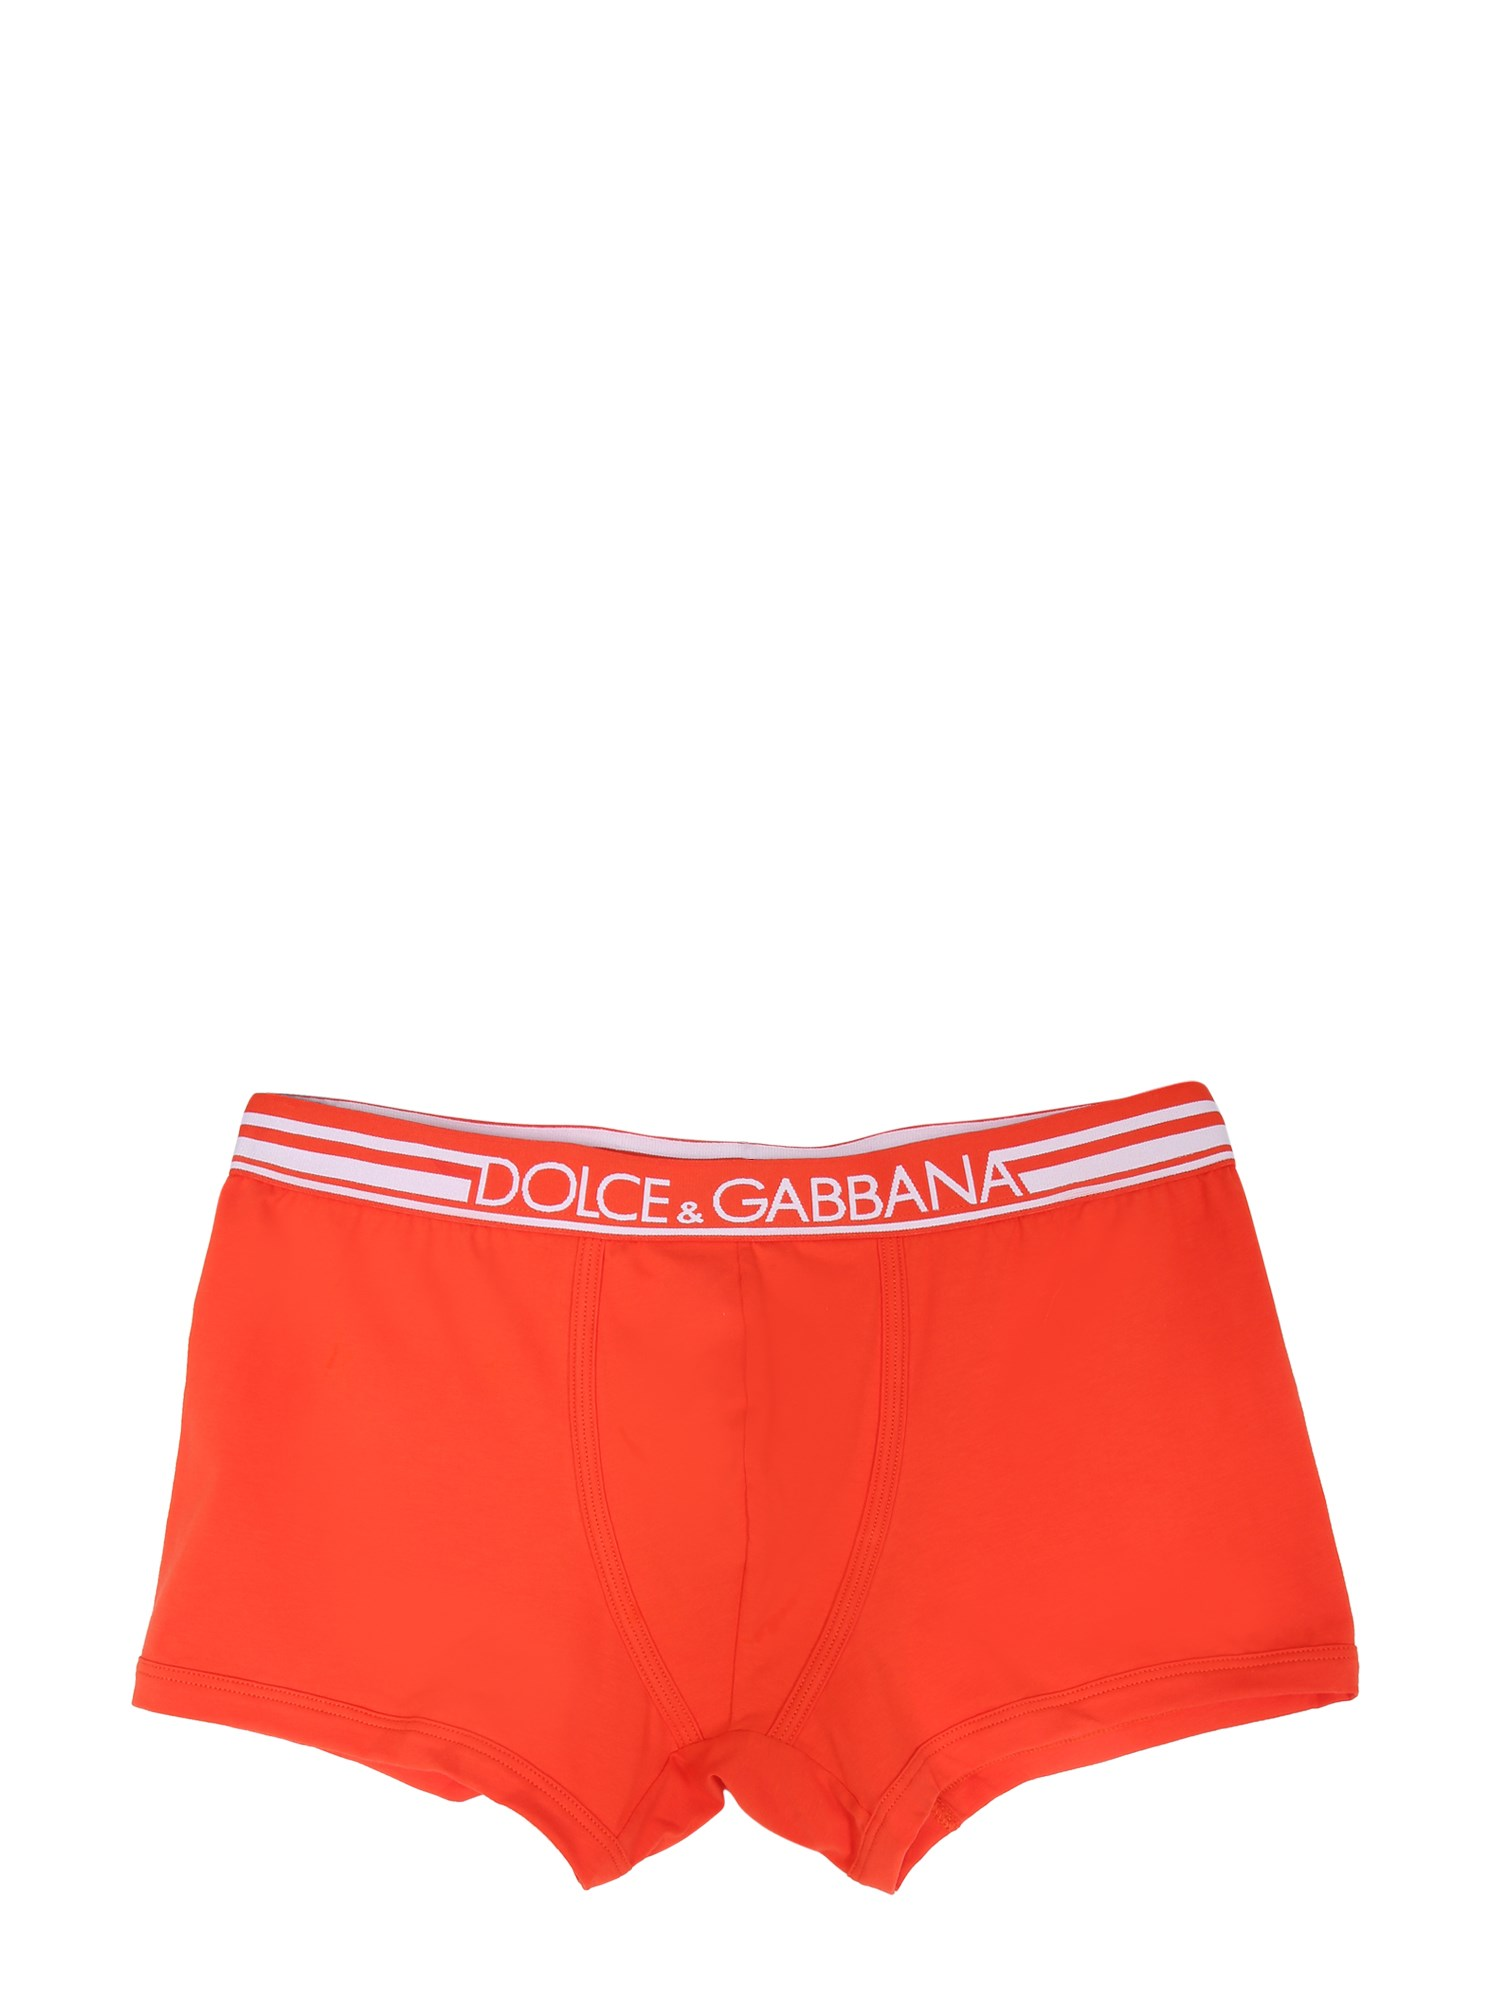 Dolce & Gabbana Bielastic Cotton Boxer In Rosso